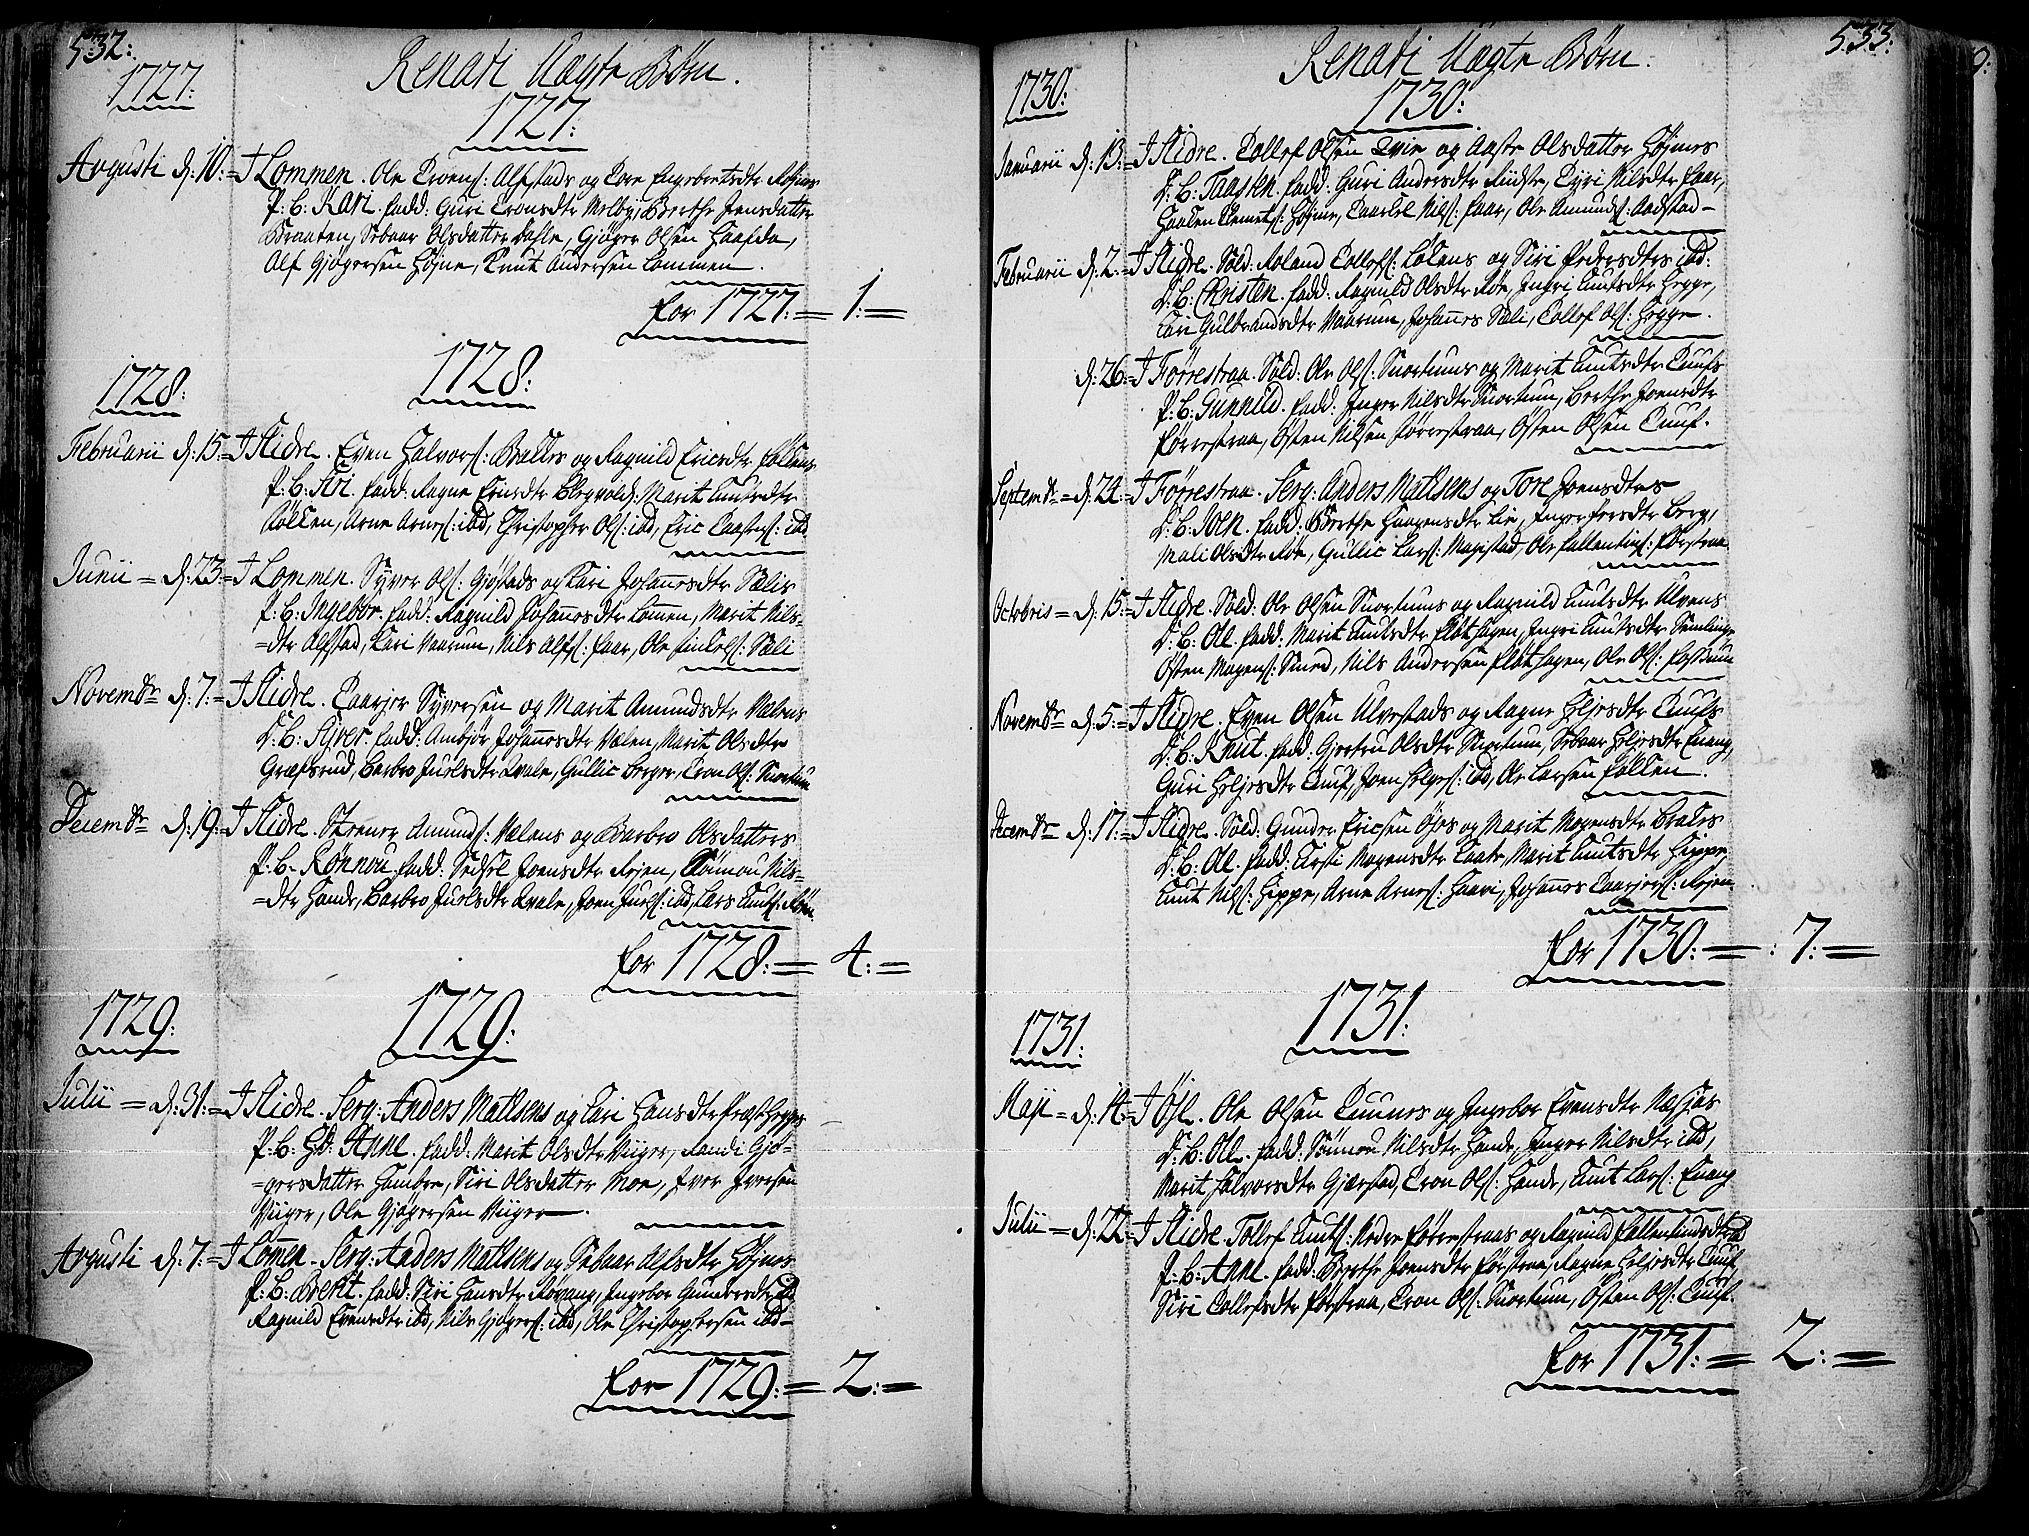 SAH, Slidre prestekontor, Ministerialbok nr. 1, 1724-1814, s. 532-533